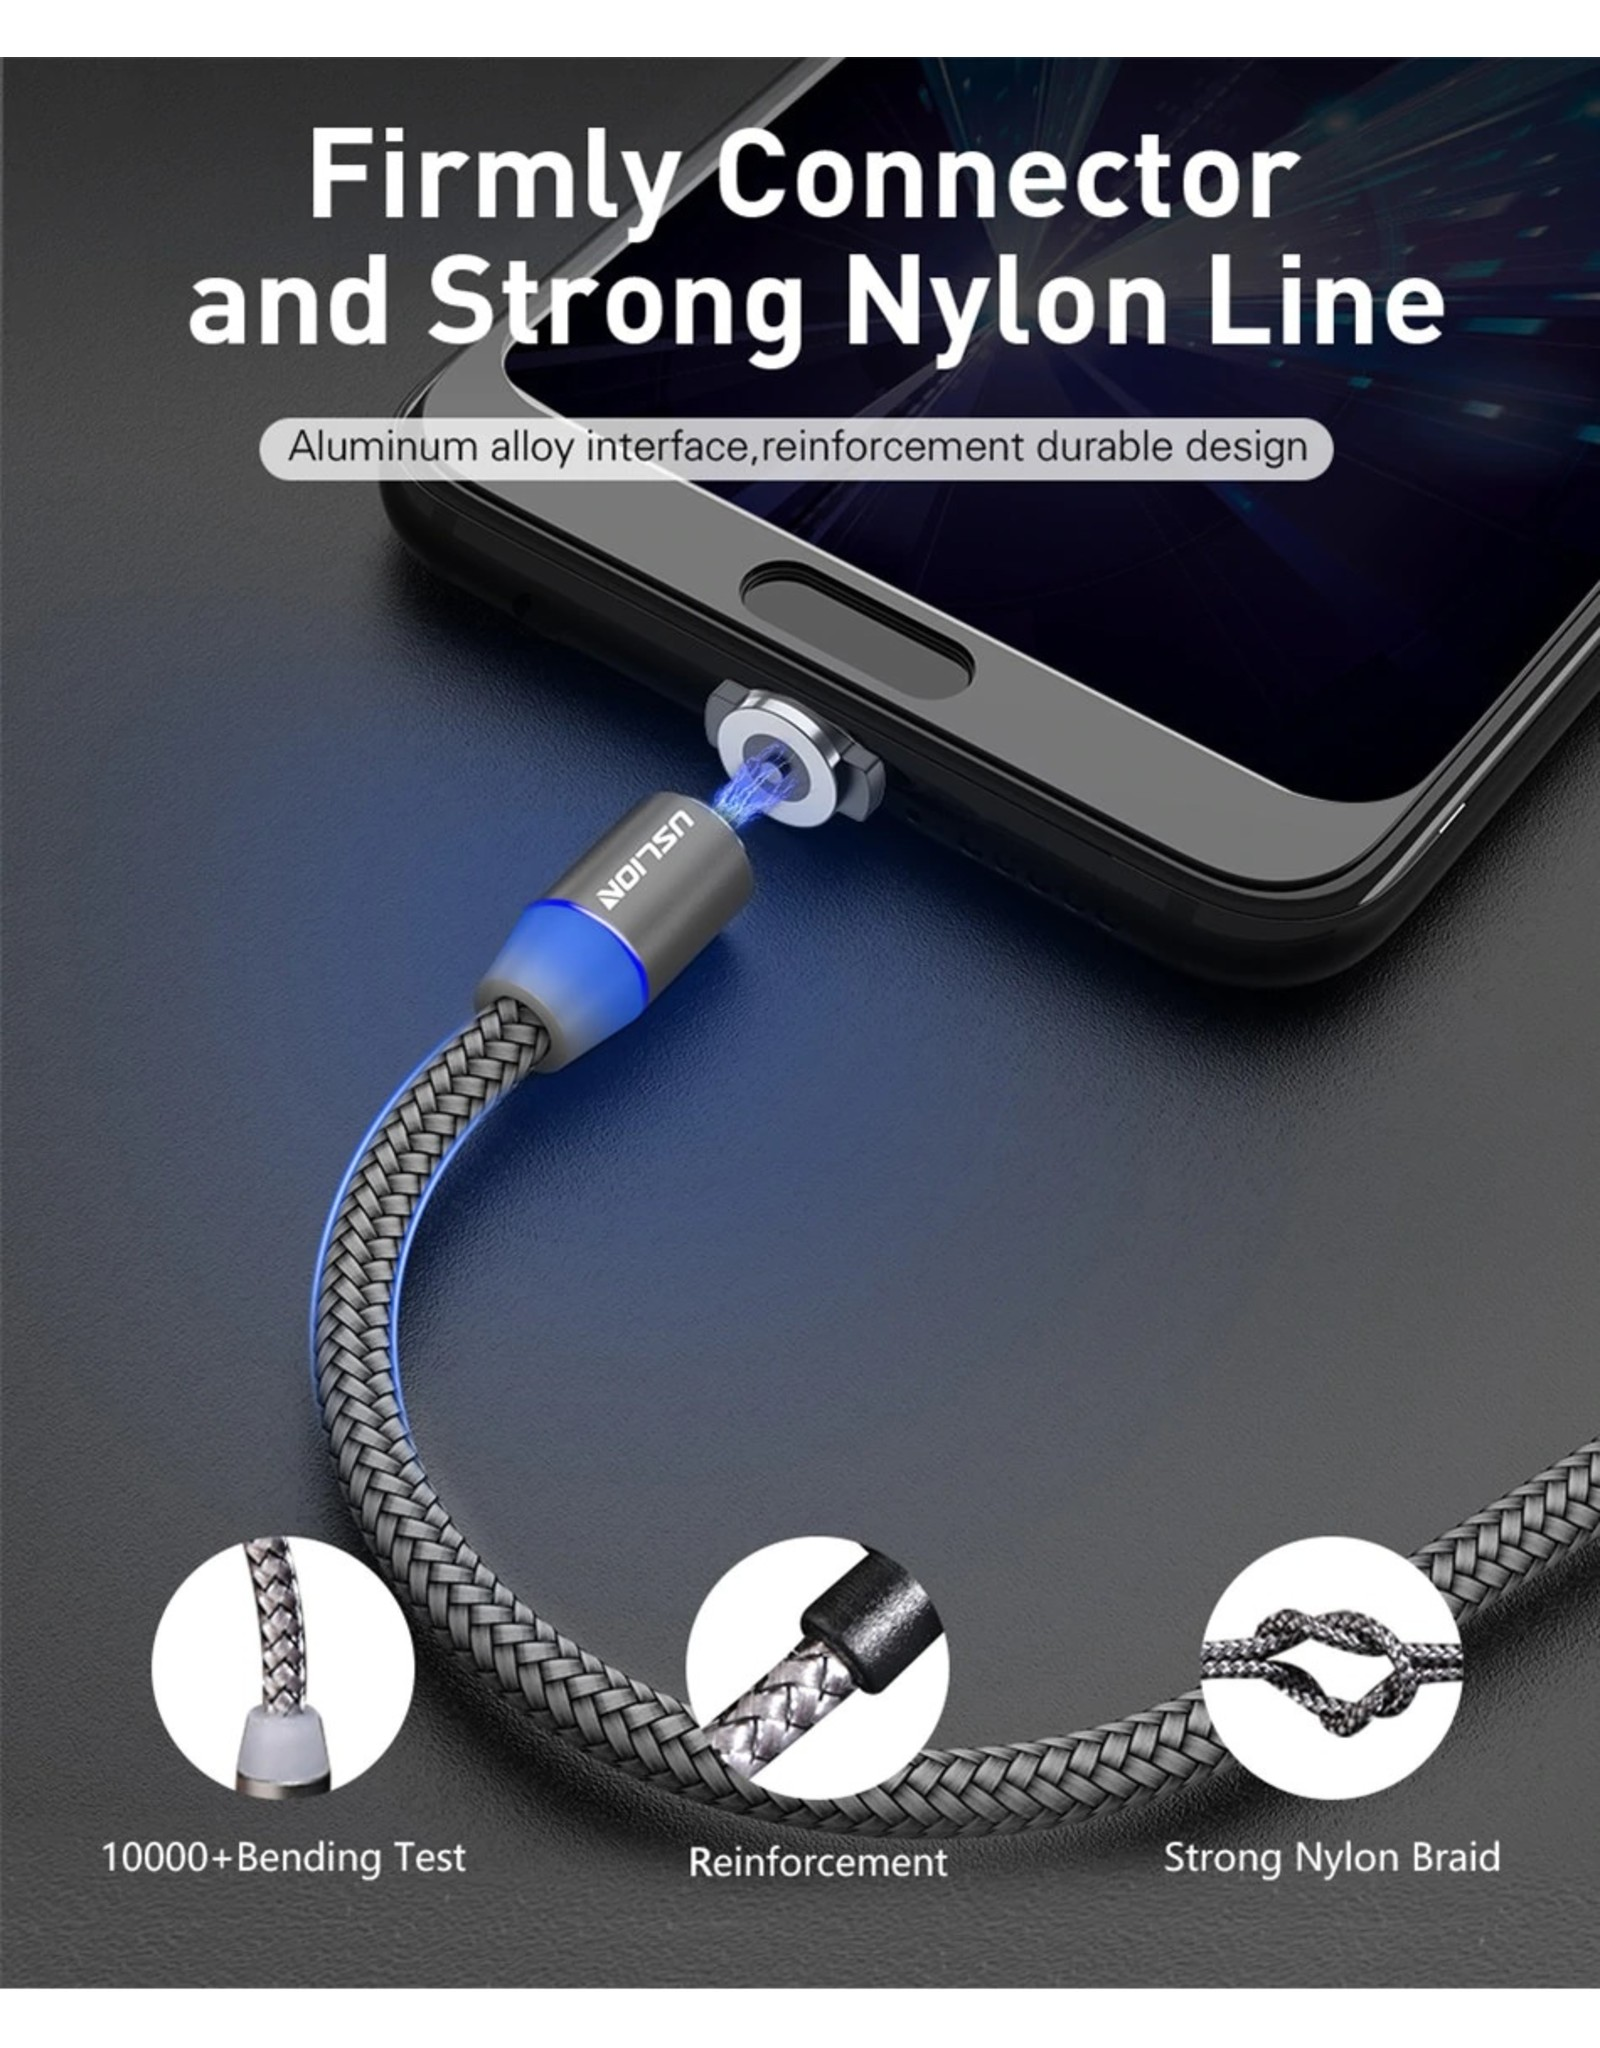 Merkloos Magnetische Oplaadkabel - Magneet met USB Type-C adapter - 360 graden – Laadkabel draaibaar